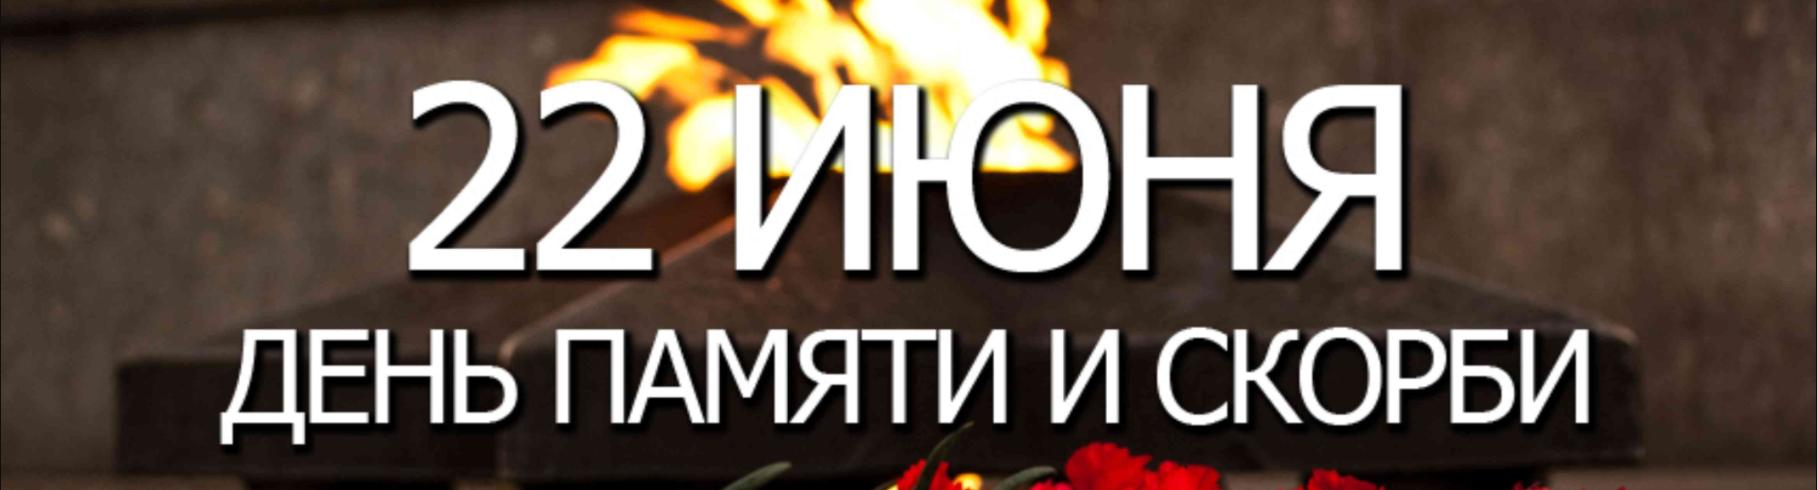 Первый день Великой Отечественной войны — День памяти и скорби